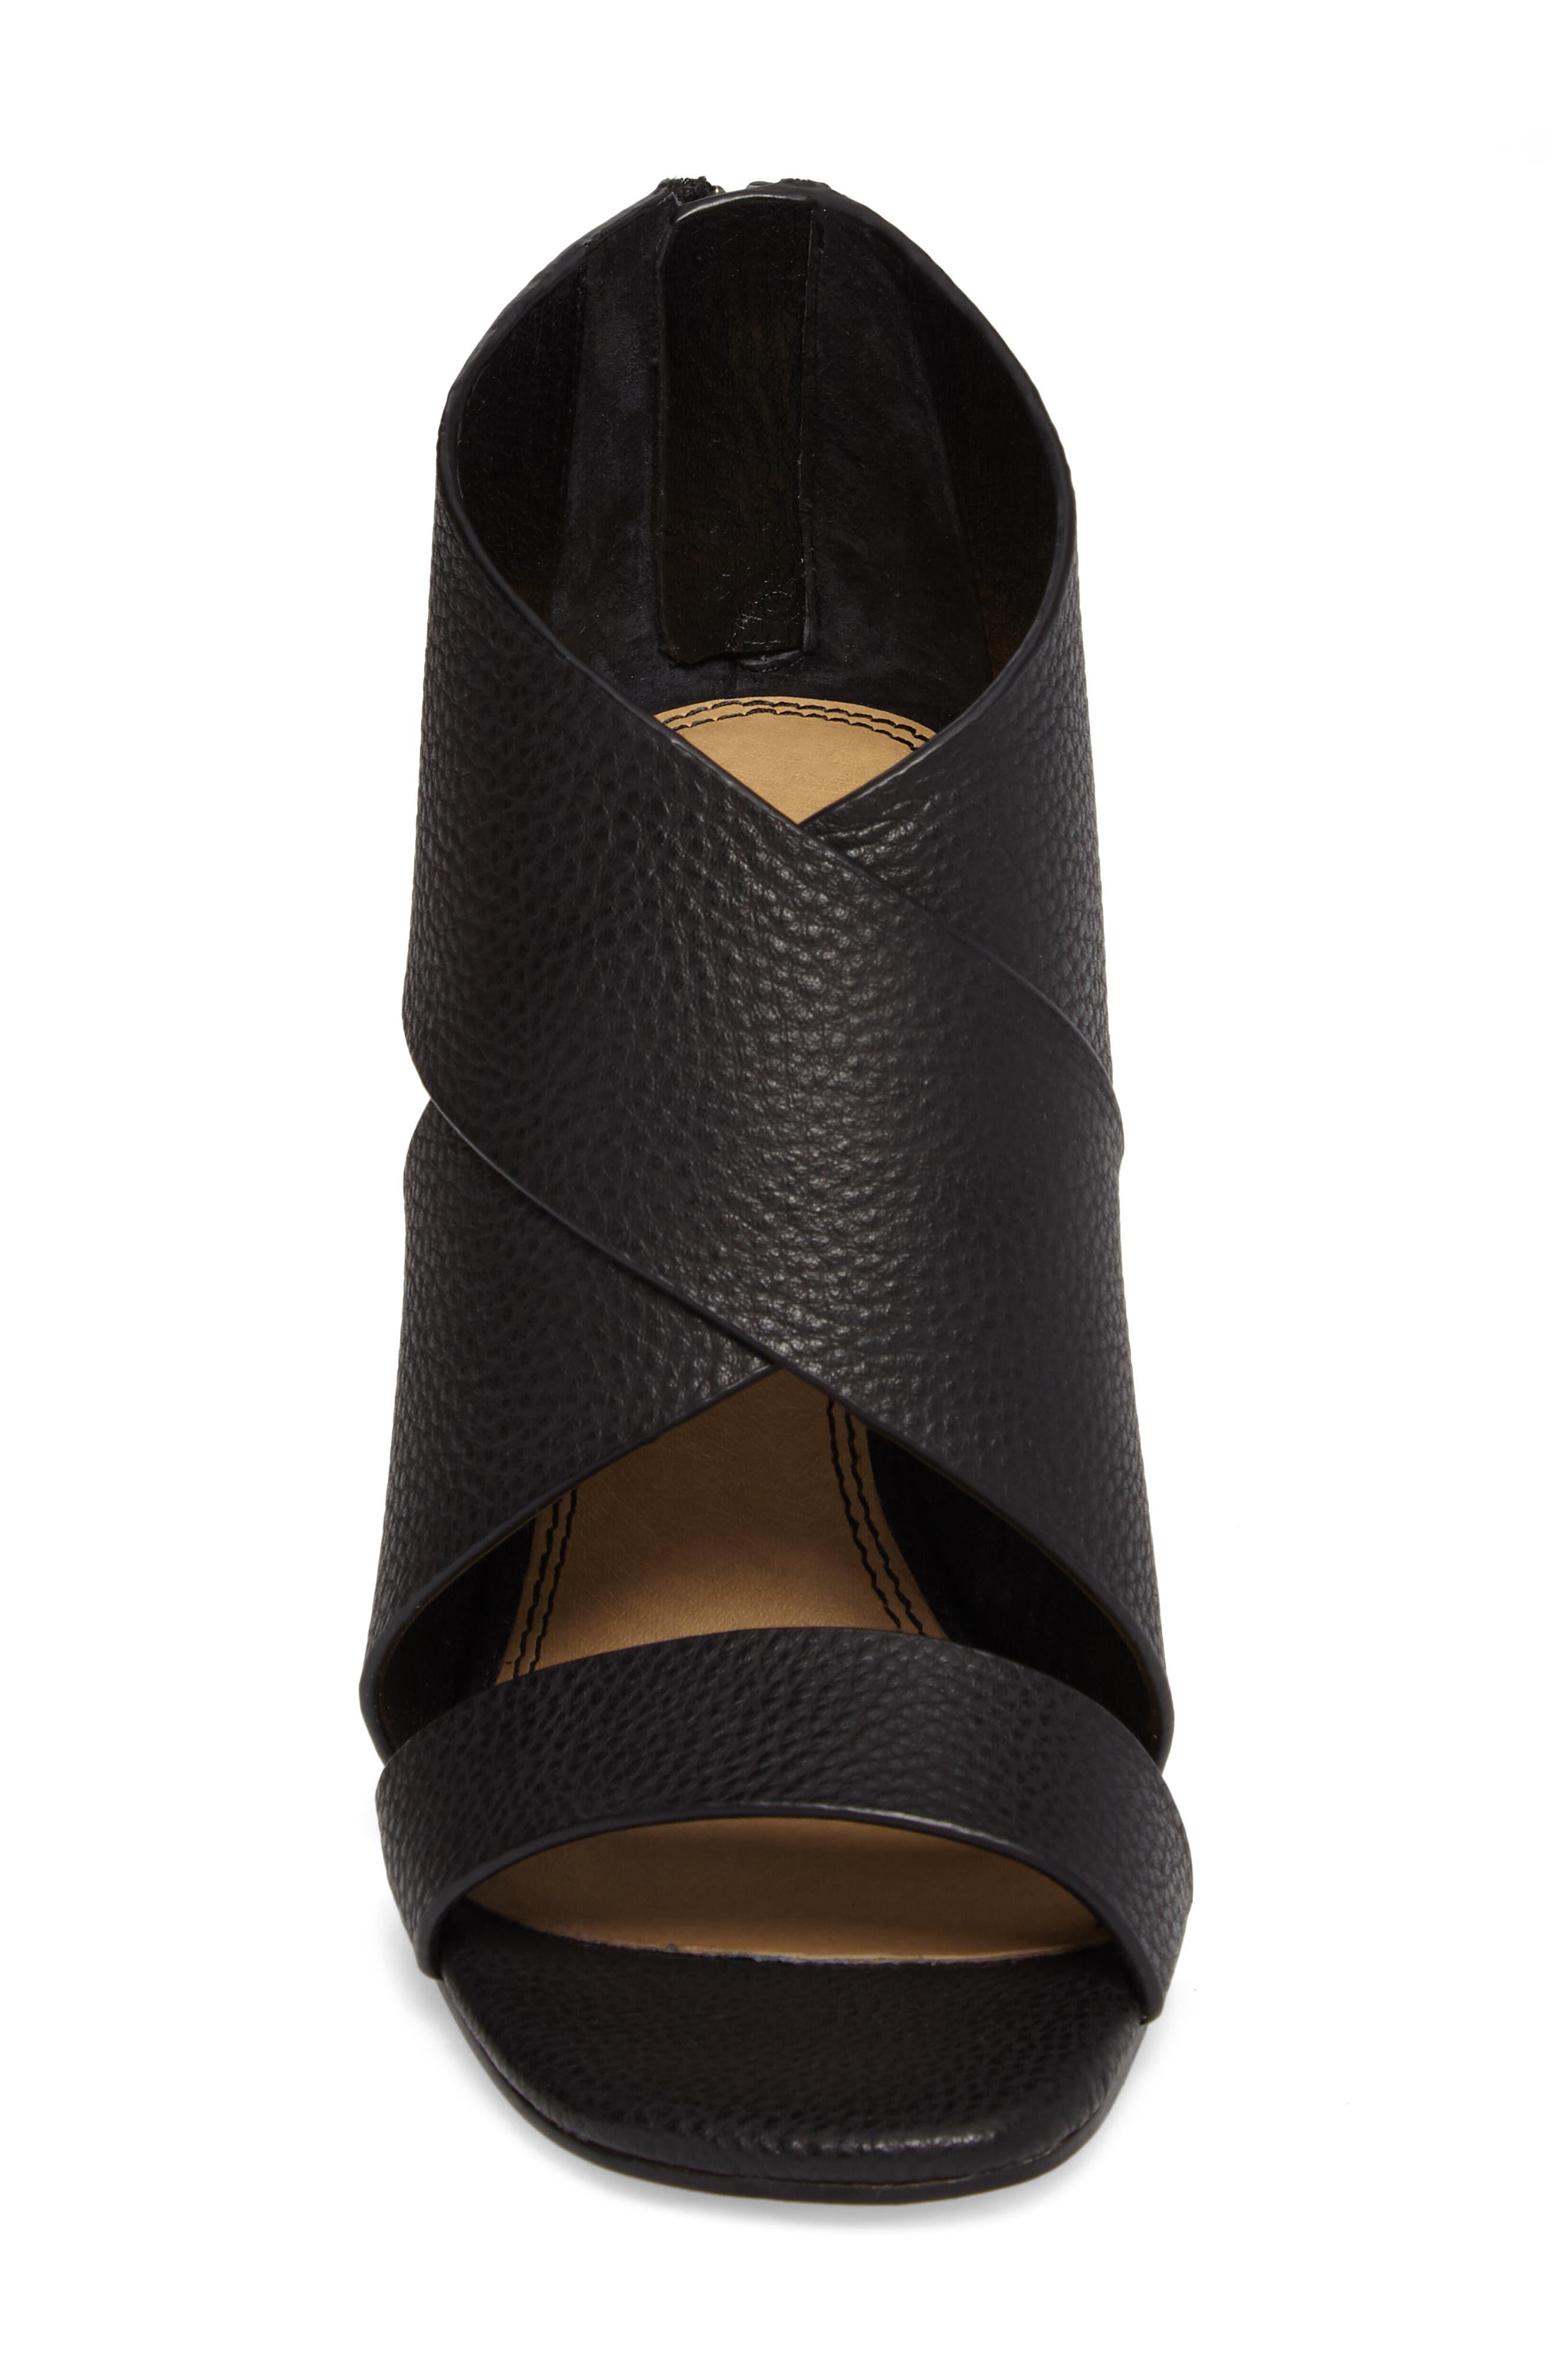 Danett Cross Strap Sandal,                             Alternate thumbnail 4, color,                             Black Leather